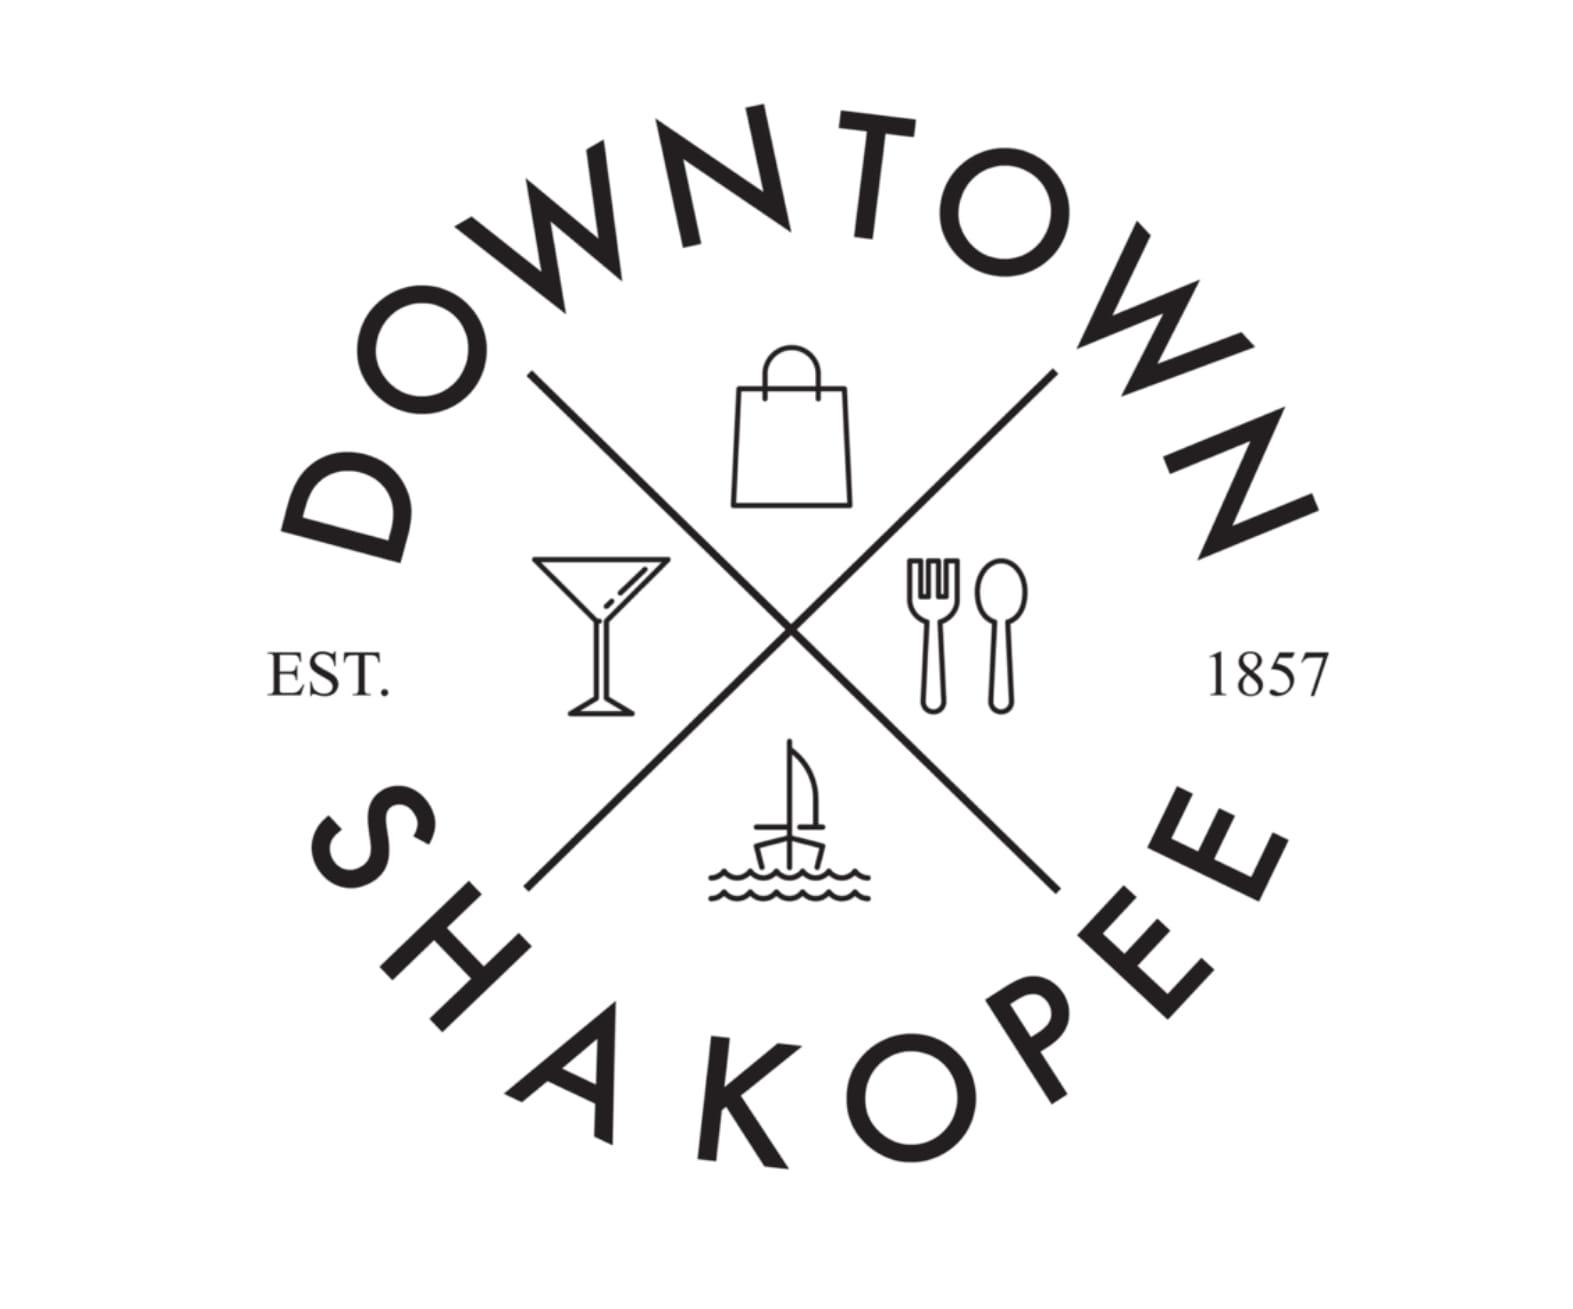 DowntownShakopeeLogo-1.jpg